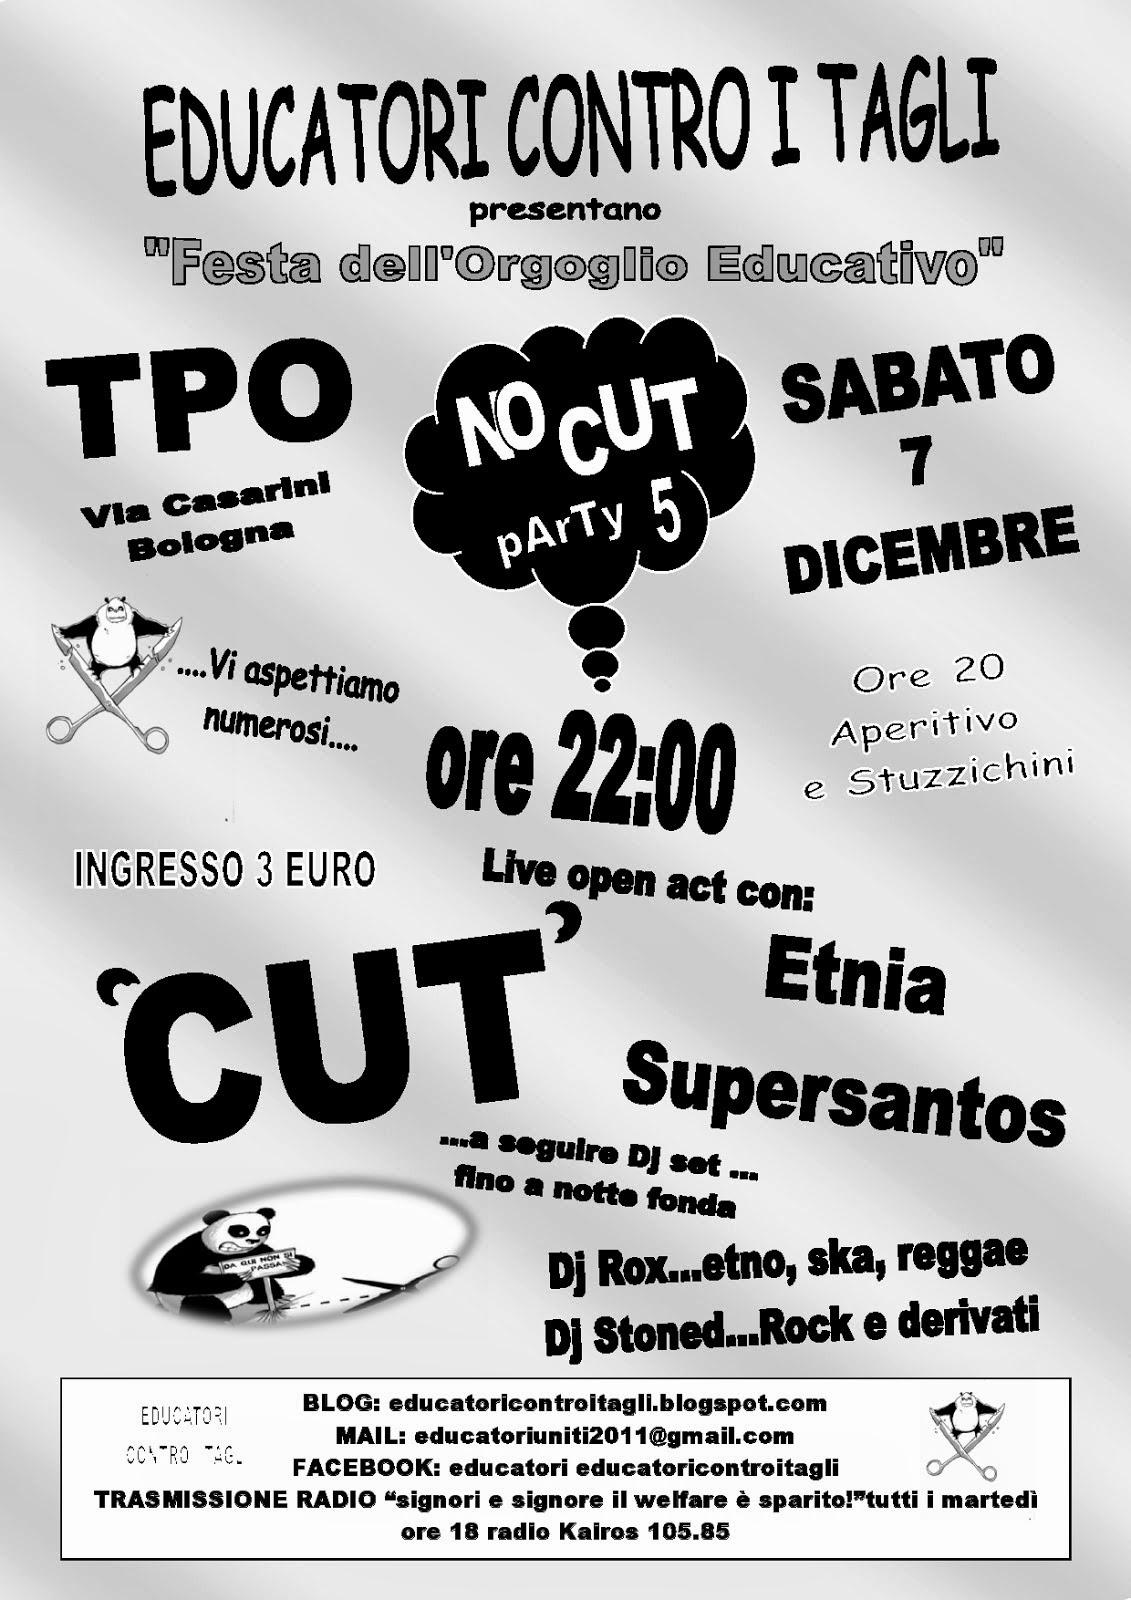 FESTA DELL'ORGOGLIO EDUCATIVO